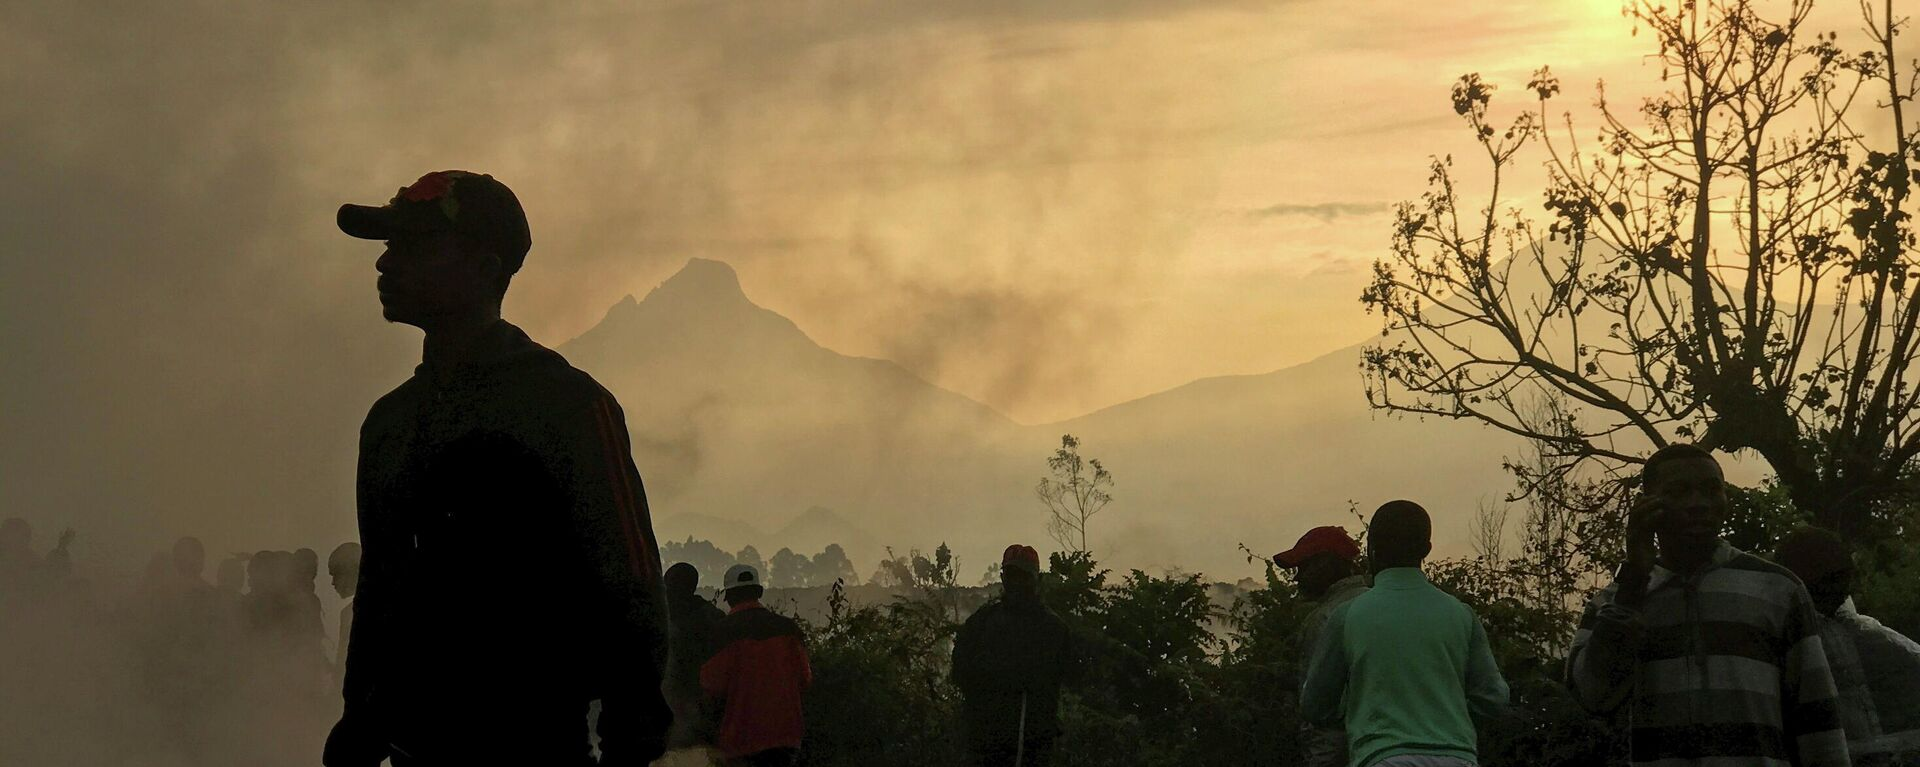 Erupción del volcán Nyiragongo en la República Democrática del Congo - Sputnik Mundo, 1920, 25.05.2021